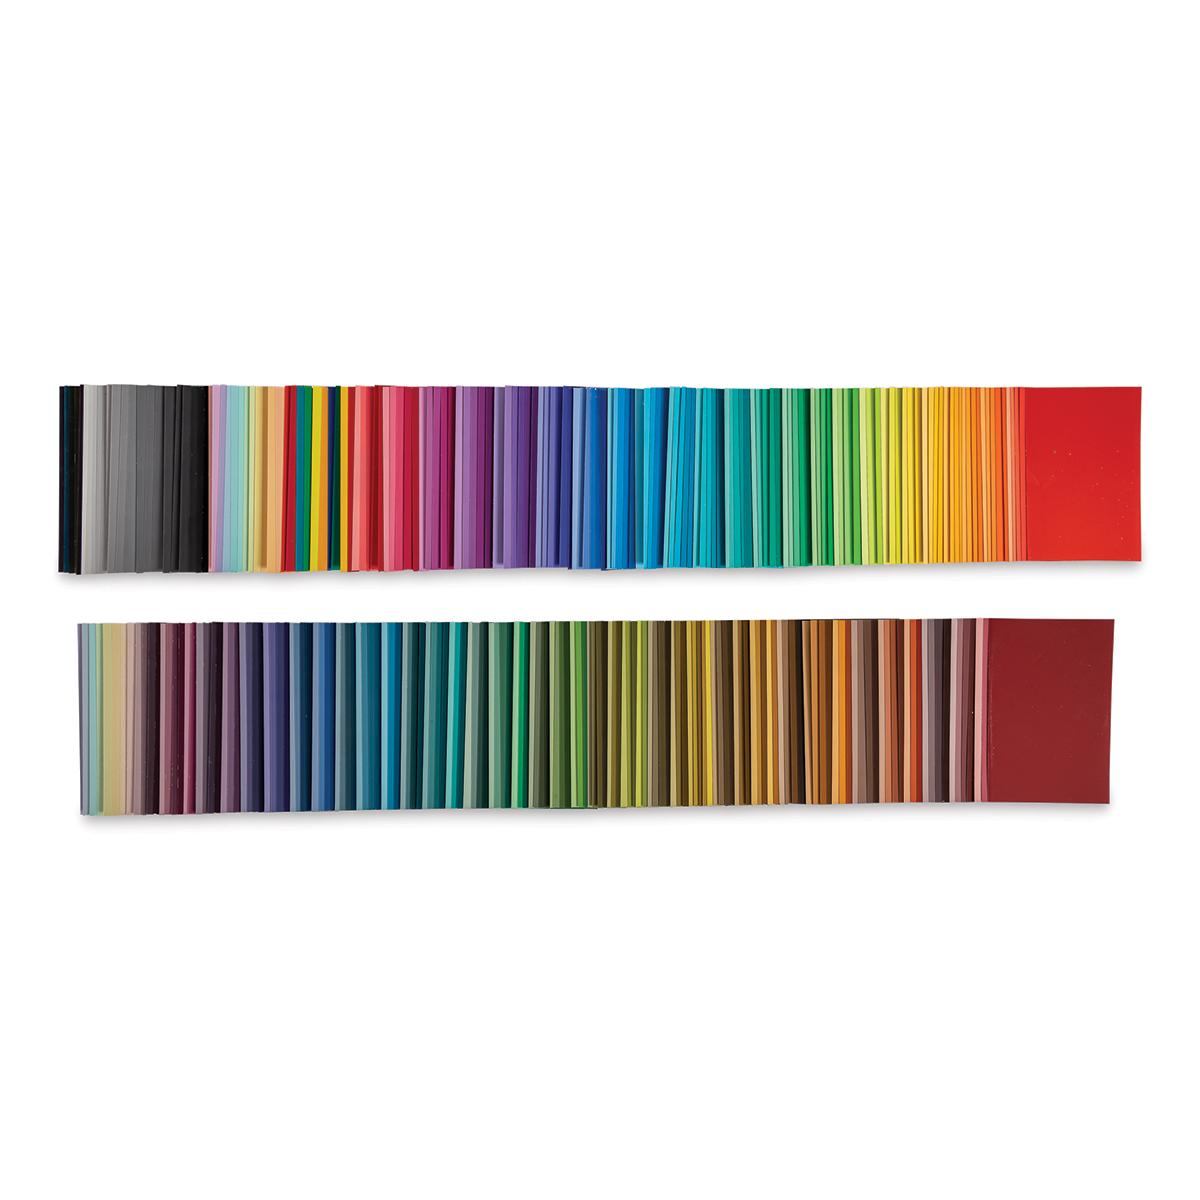 A4 Colour Paper Gsm 80 120 Rs 84 Packet Dev Enterprises Id 14786271833